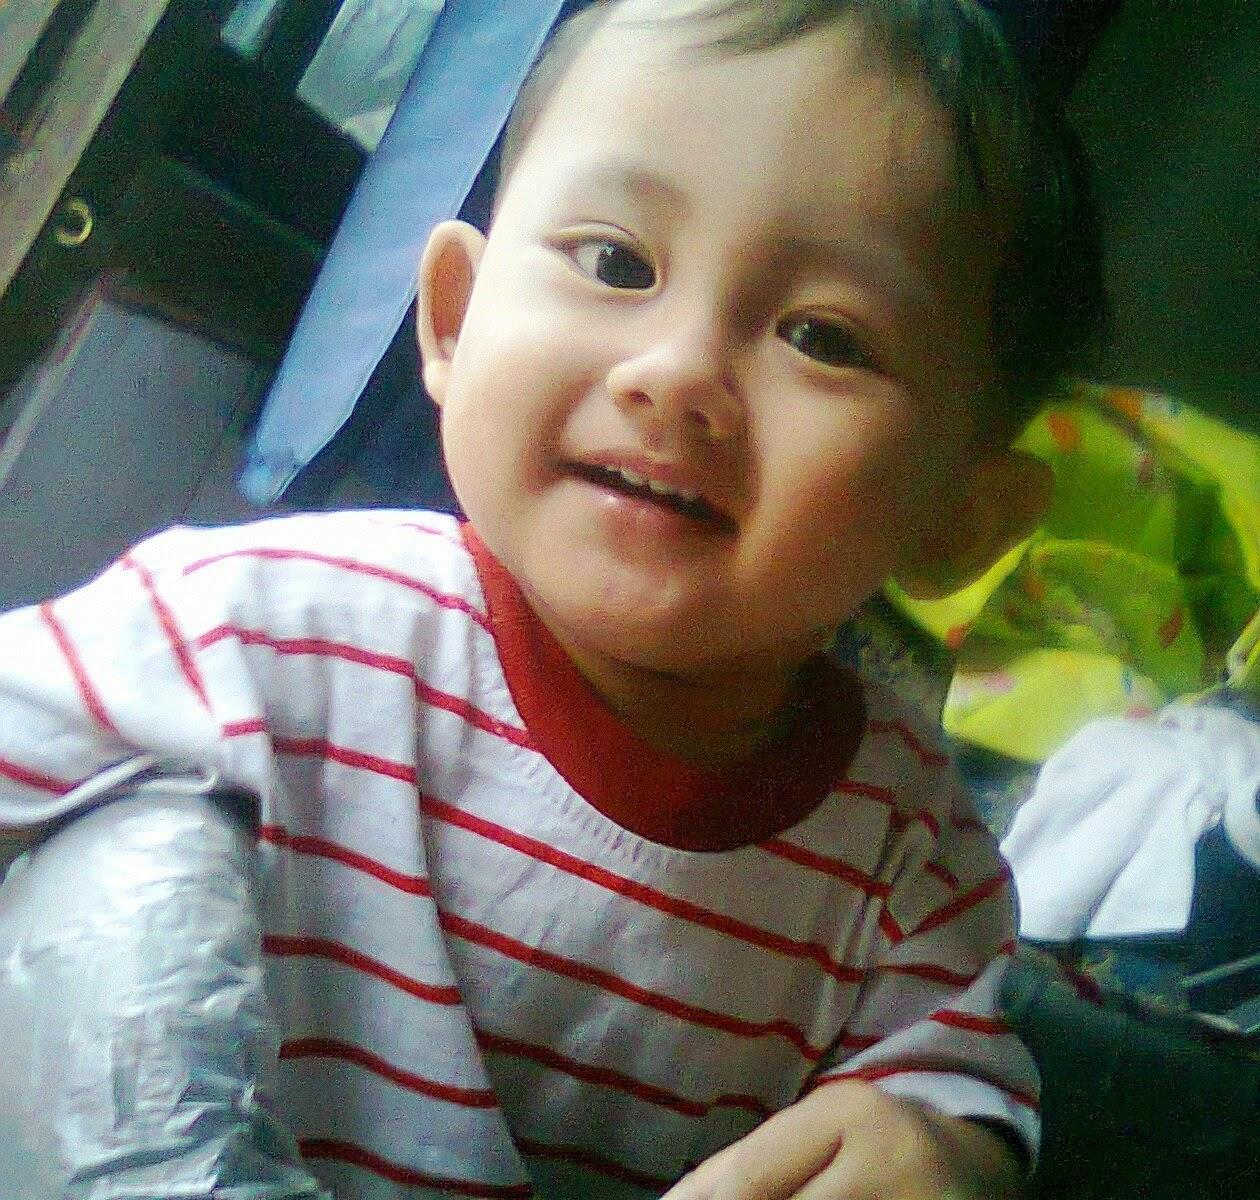 foto gambar bayi ceria